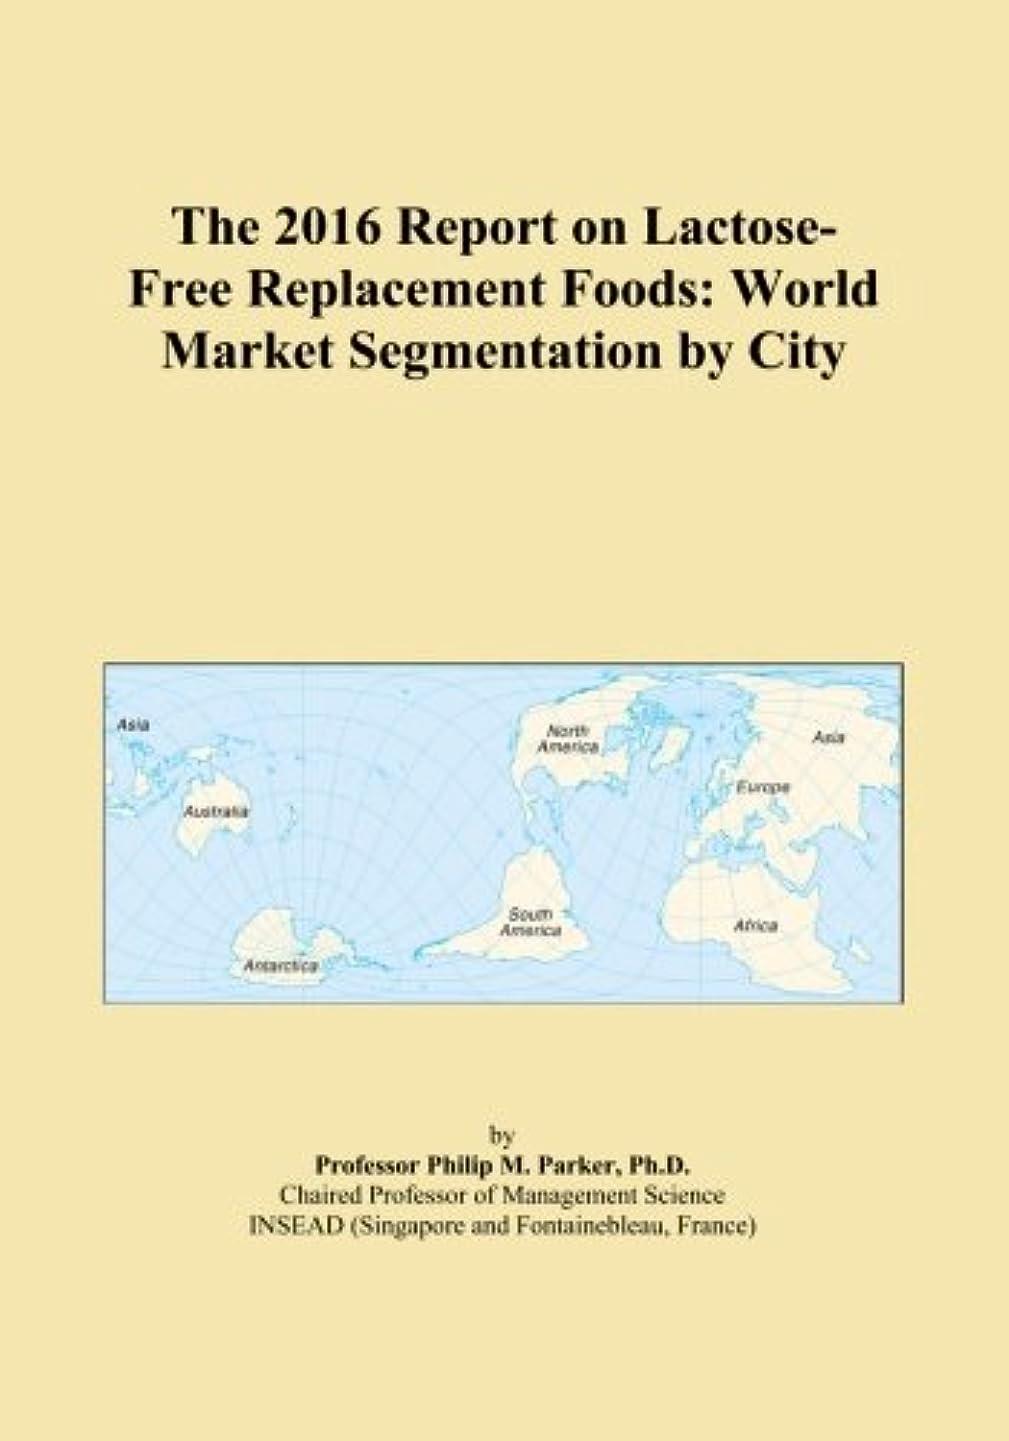 フィールドリア王去るThe 2016 Report on Lactose-Free Replacement Foods: World Market Segmentation by City